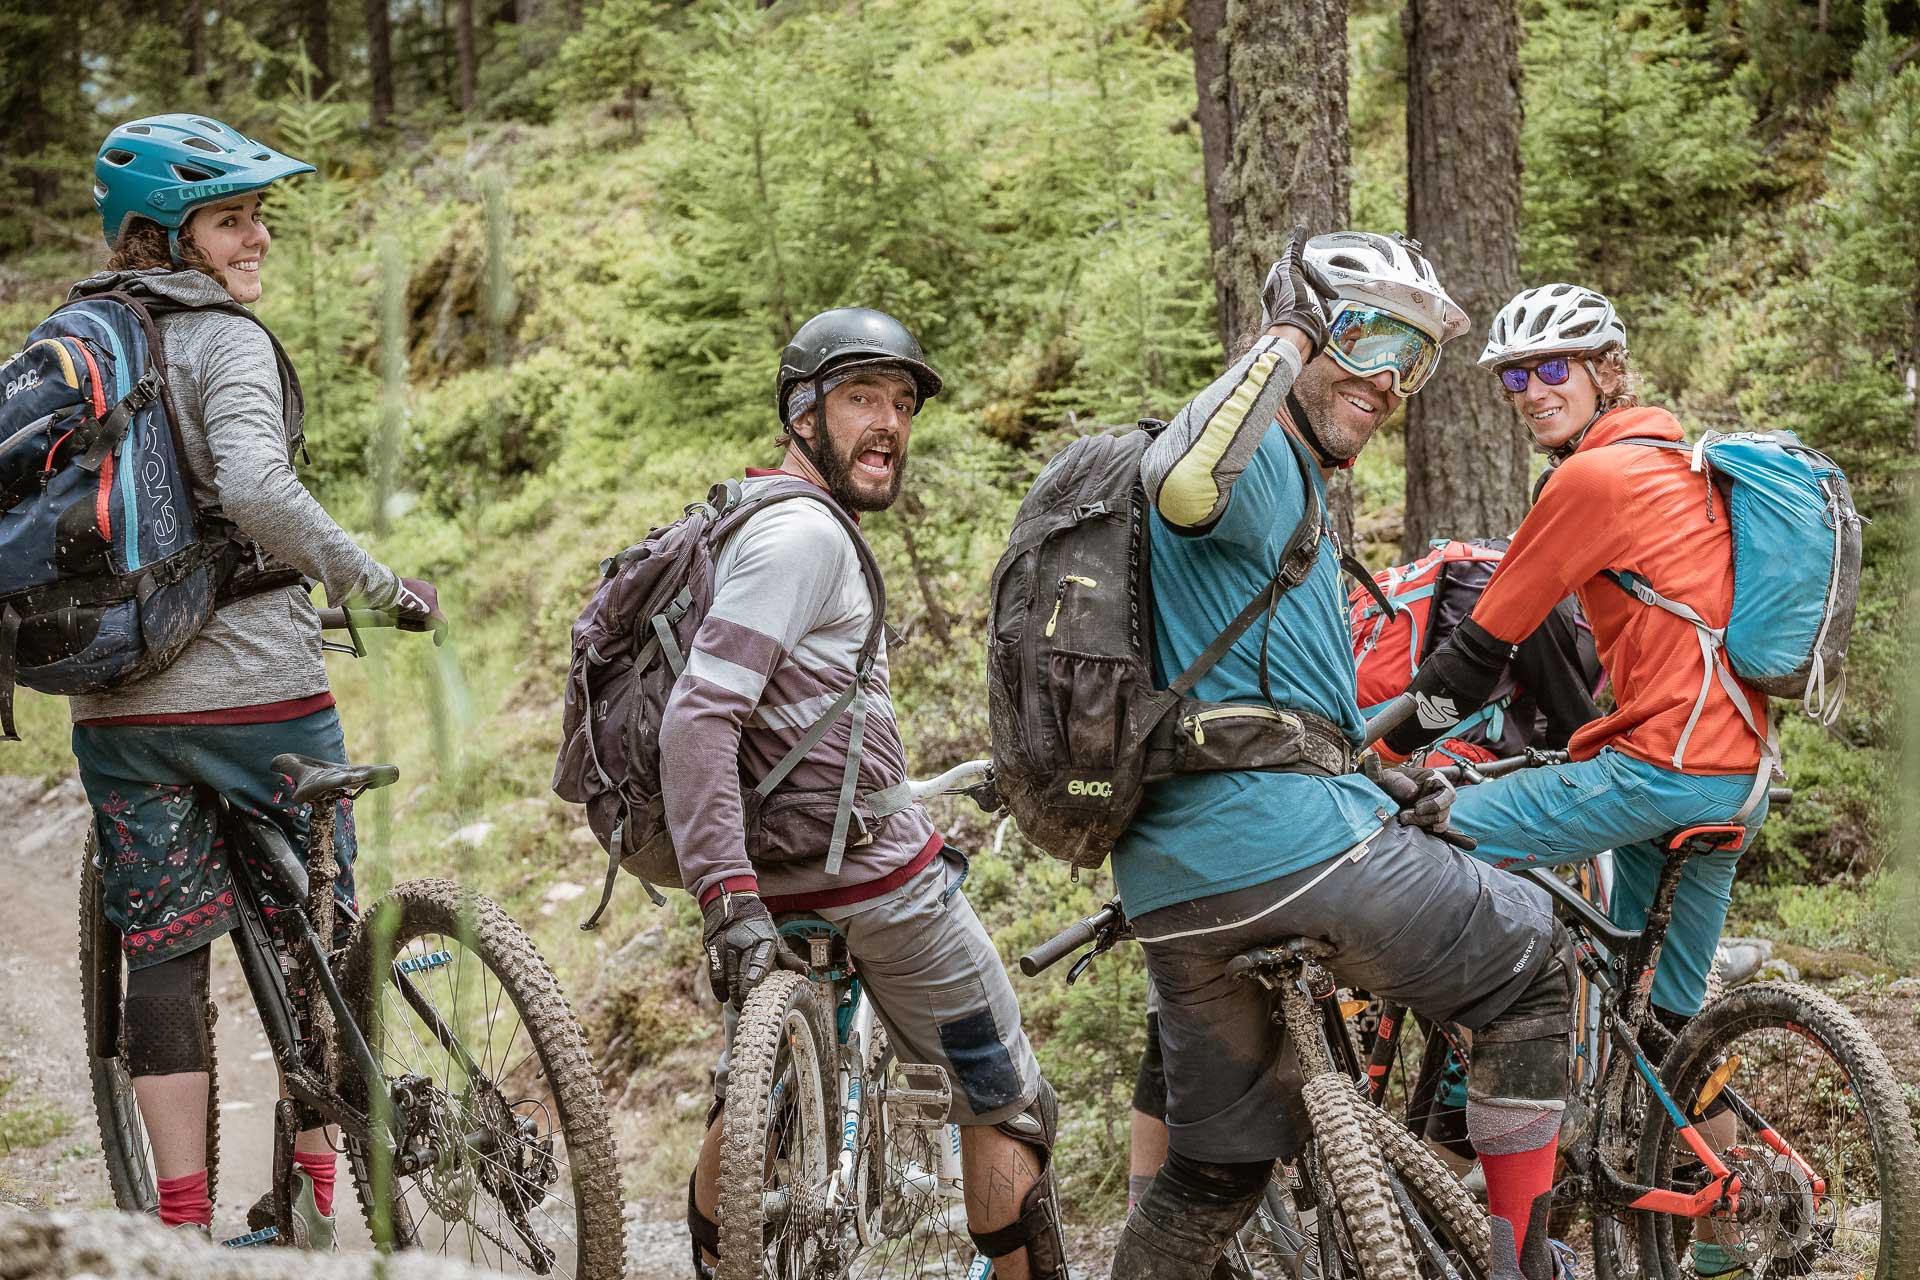 Matsch und gute Laune auf dem Bike - Bike Republic Sölden